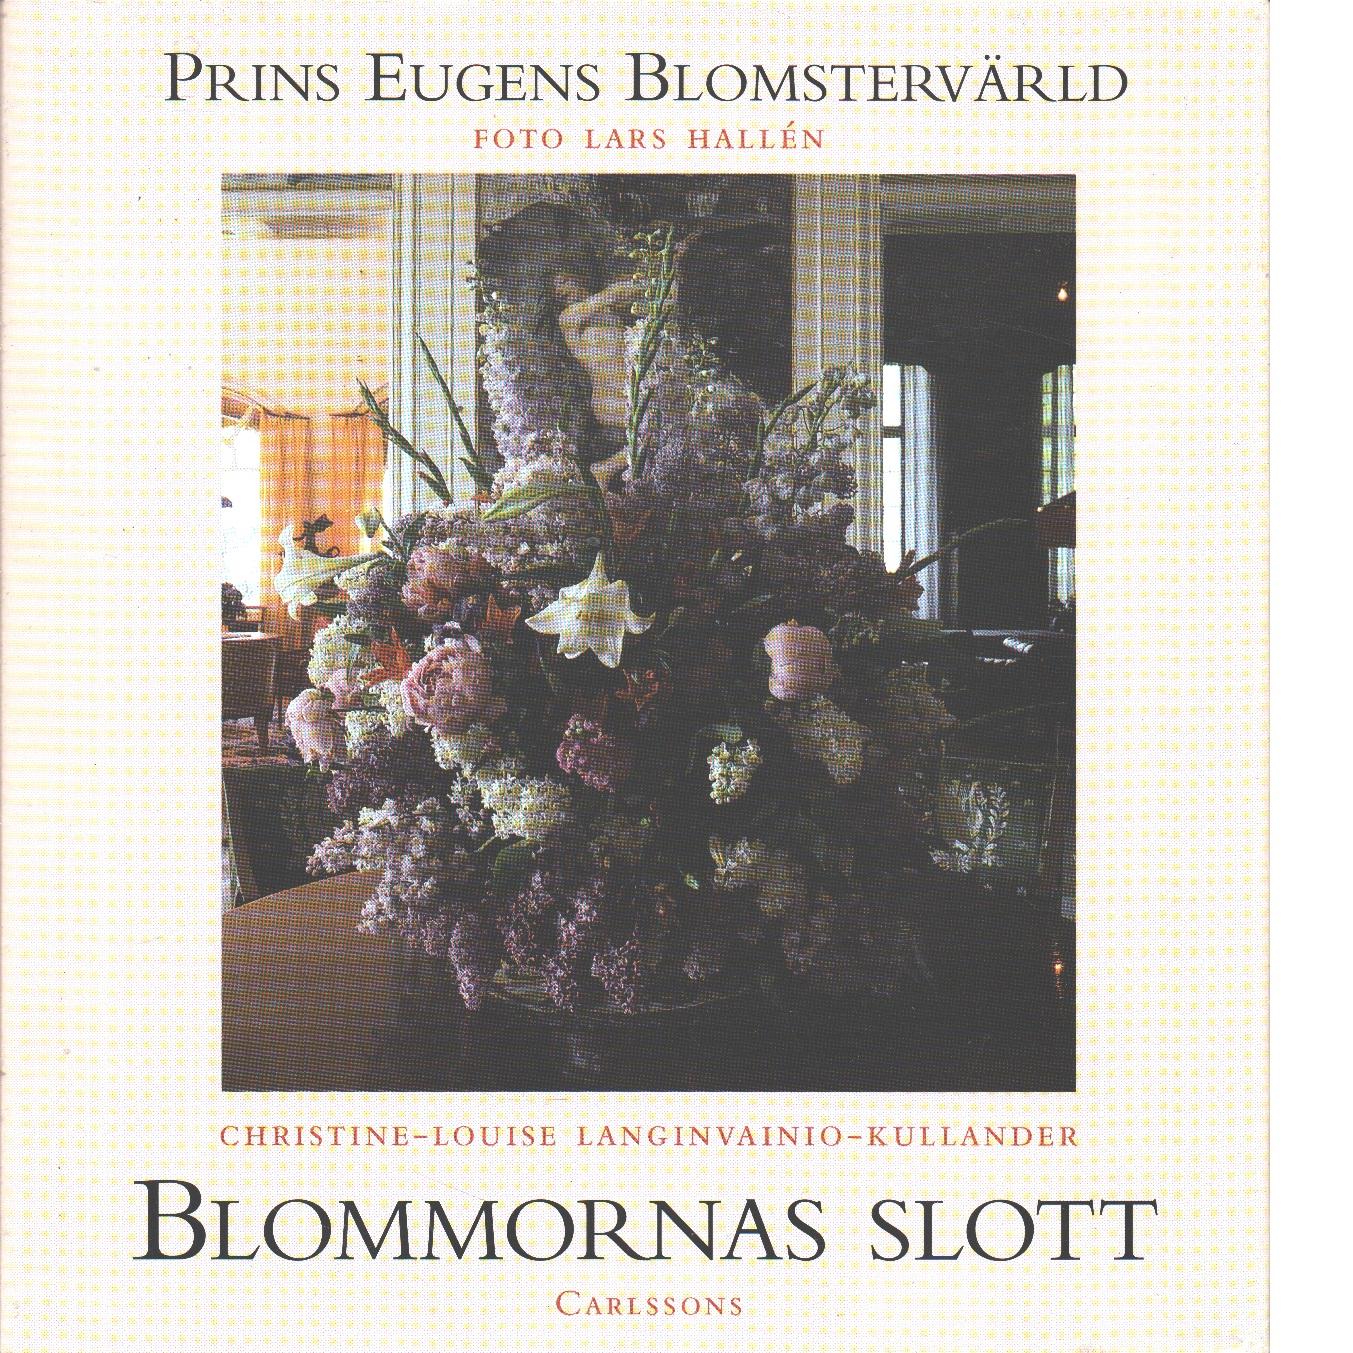 Prins Eugens blomstervärld : blommornas slott - Hallén, Lars